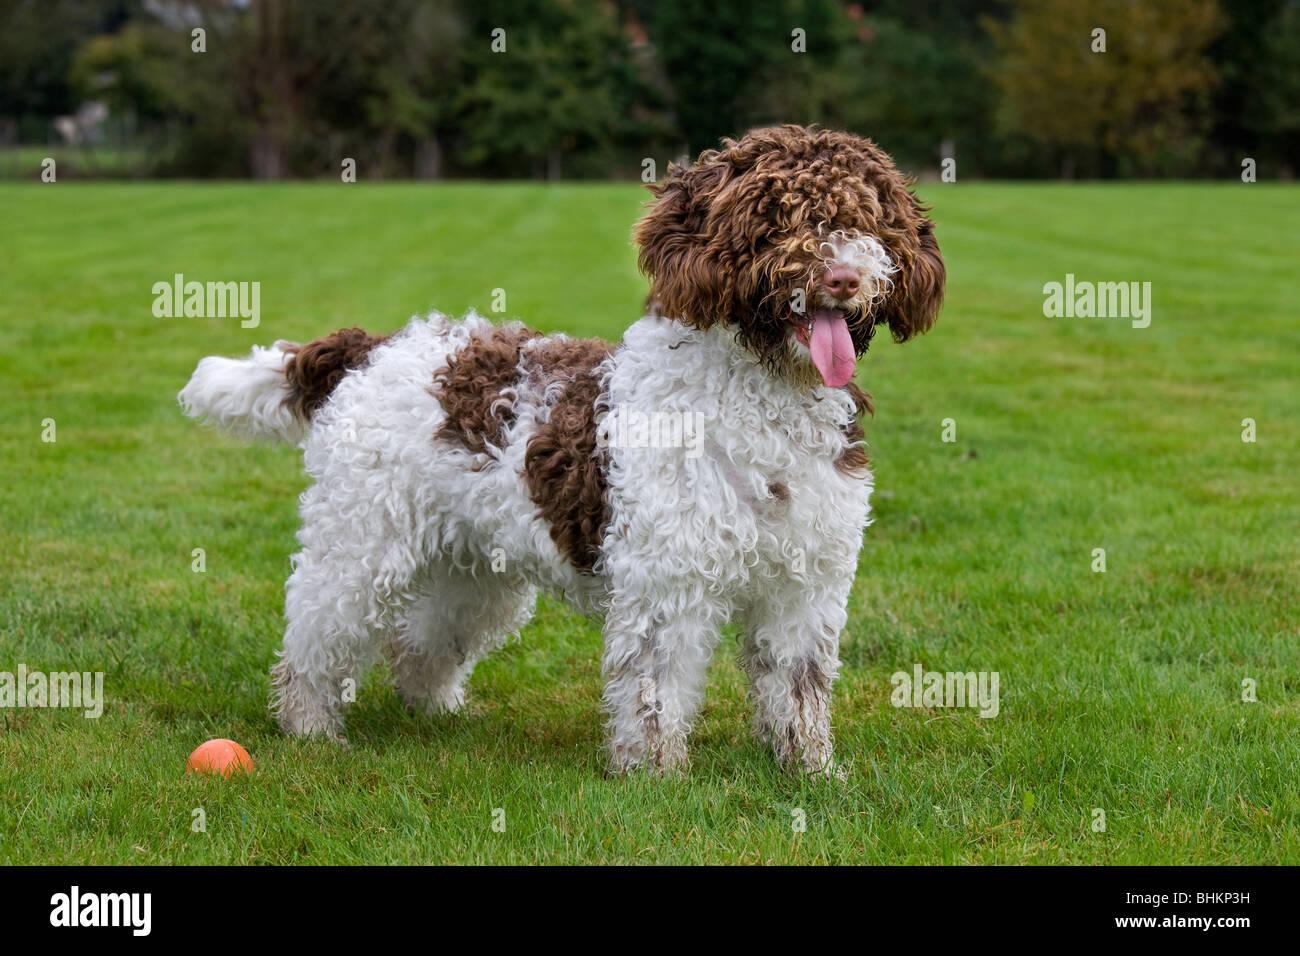 Spanish Water dog or Perro de Agua Espanol (Canis lupus familiaris) in garden - Stock Image